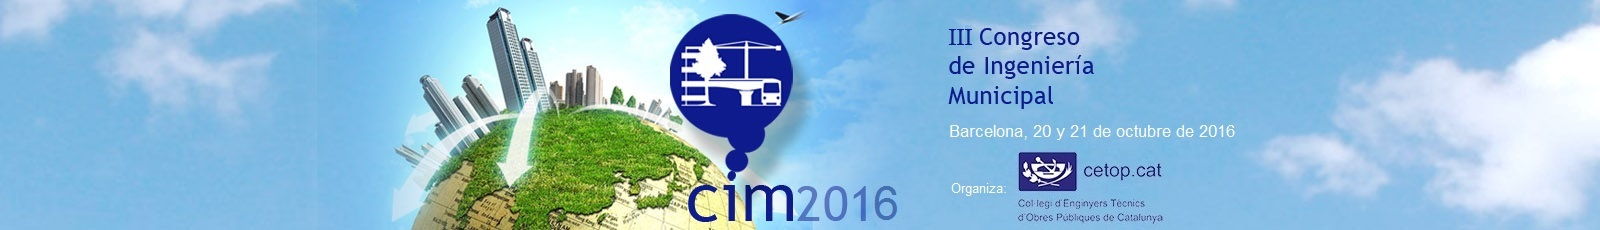 III Congreso Mundial de Ingeniería Municipal